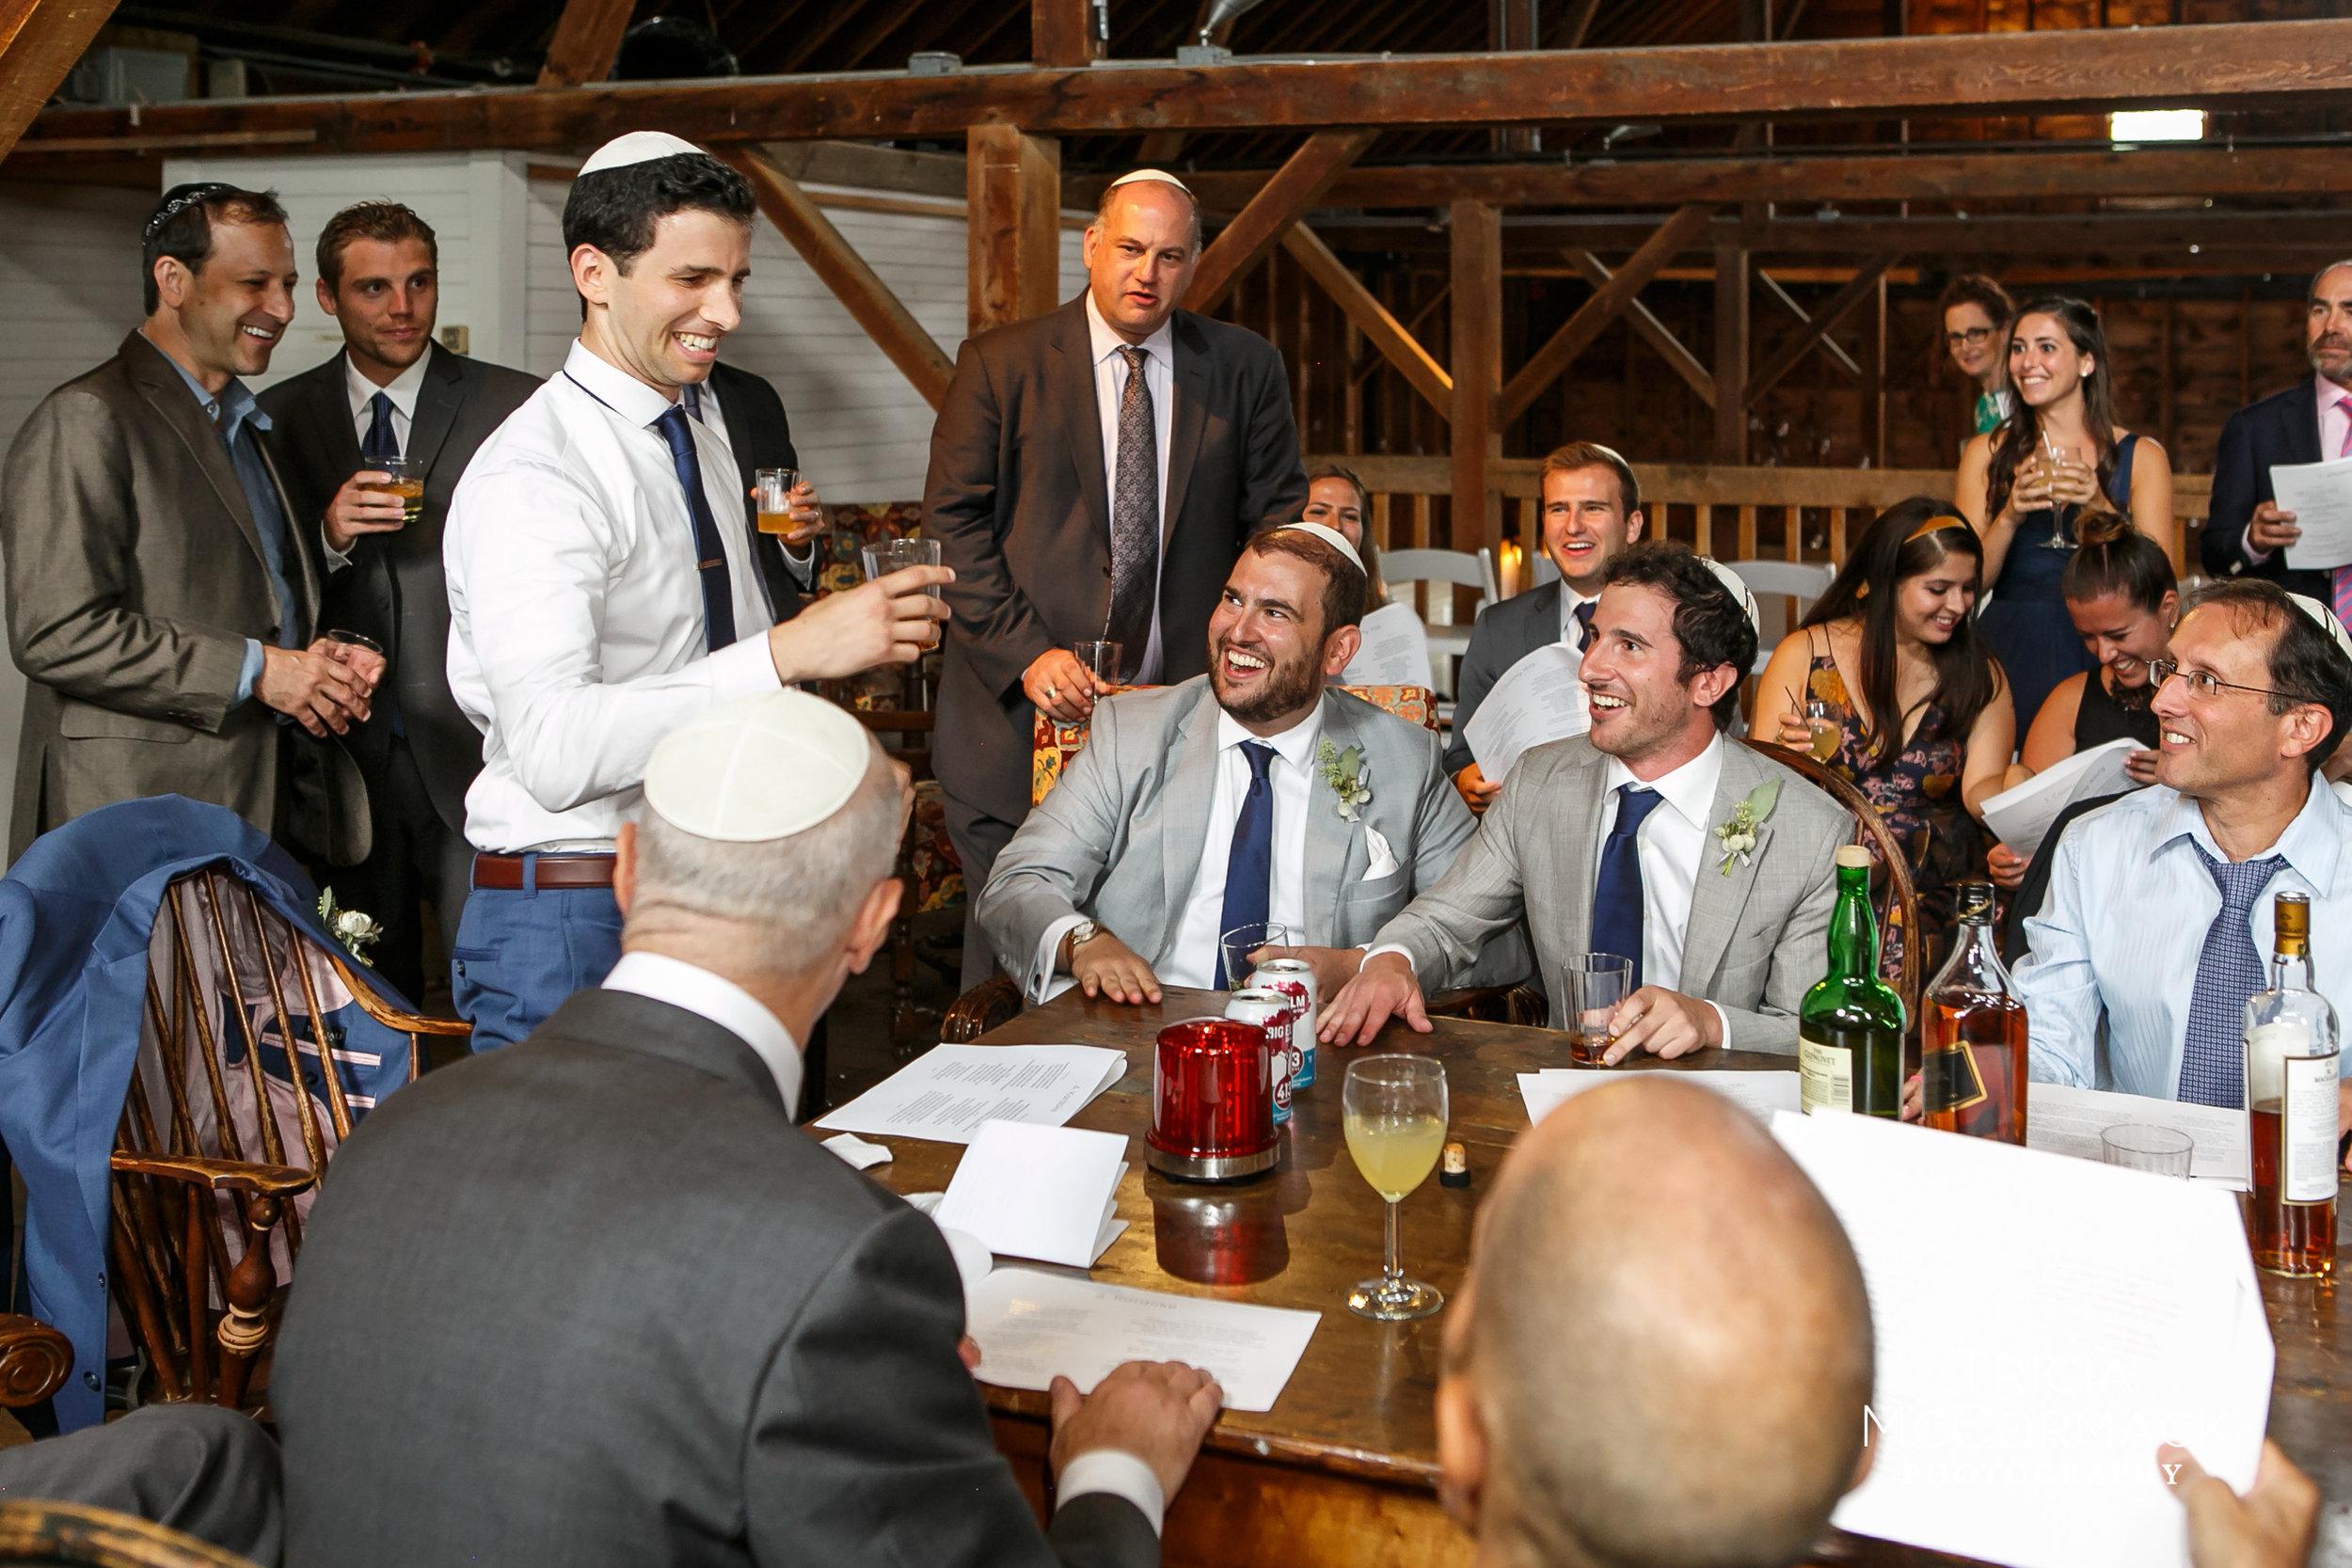 434-Ari Oren Wedding.jpg